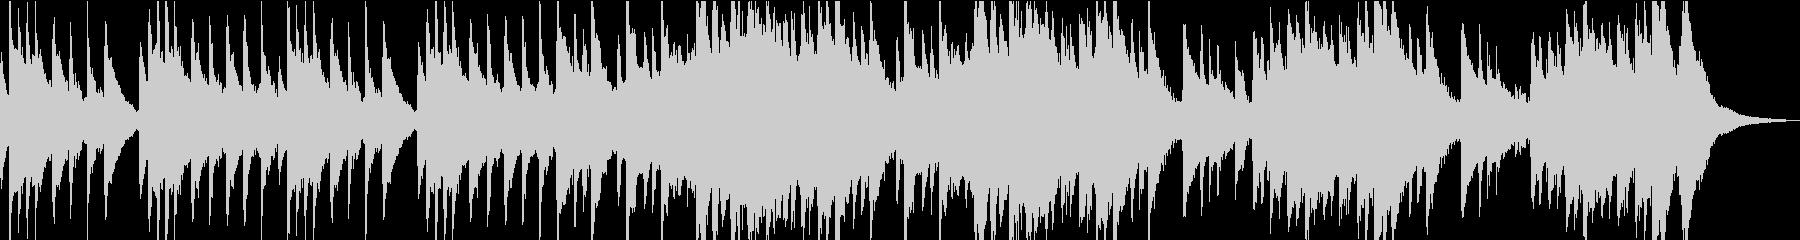 しっとりとした琴と尺八の未再生の波形